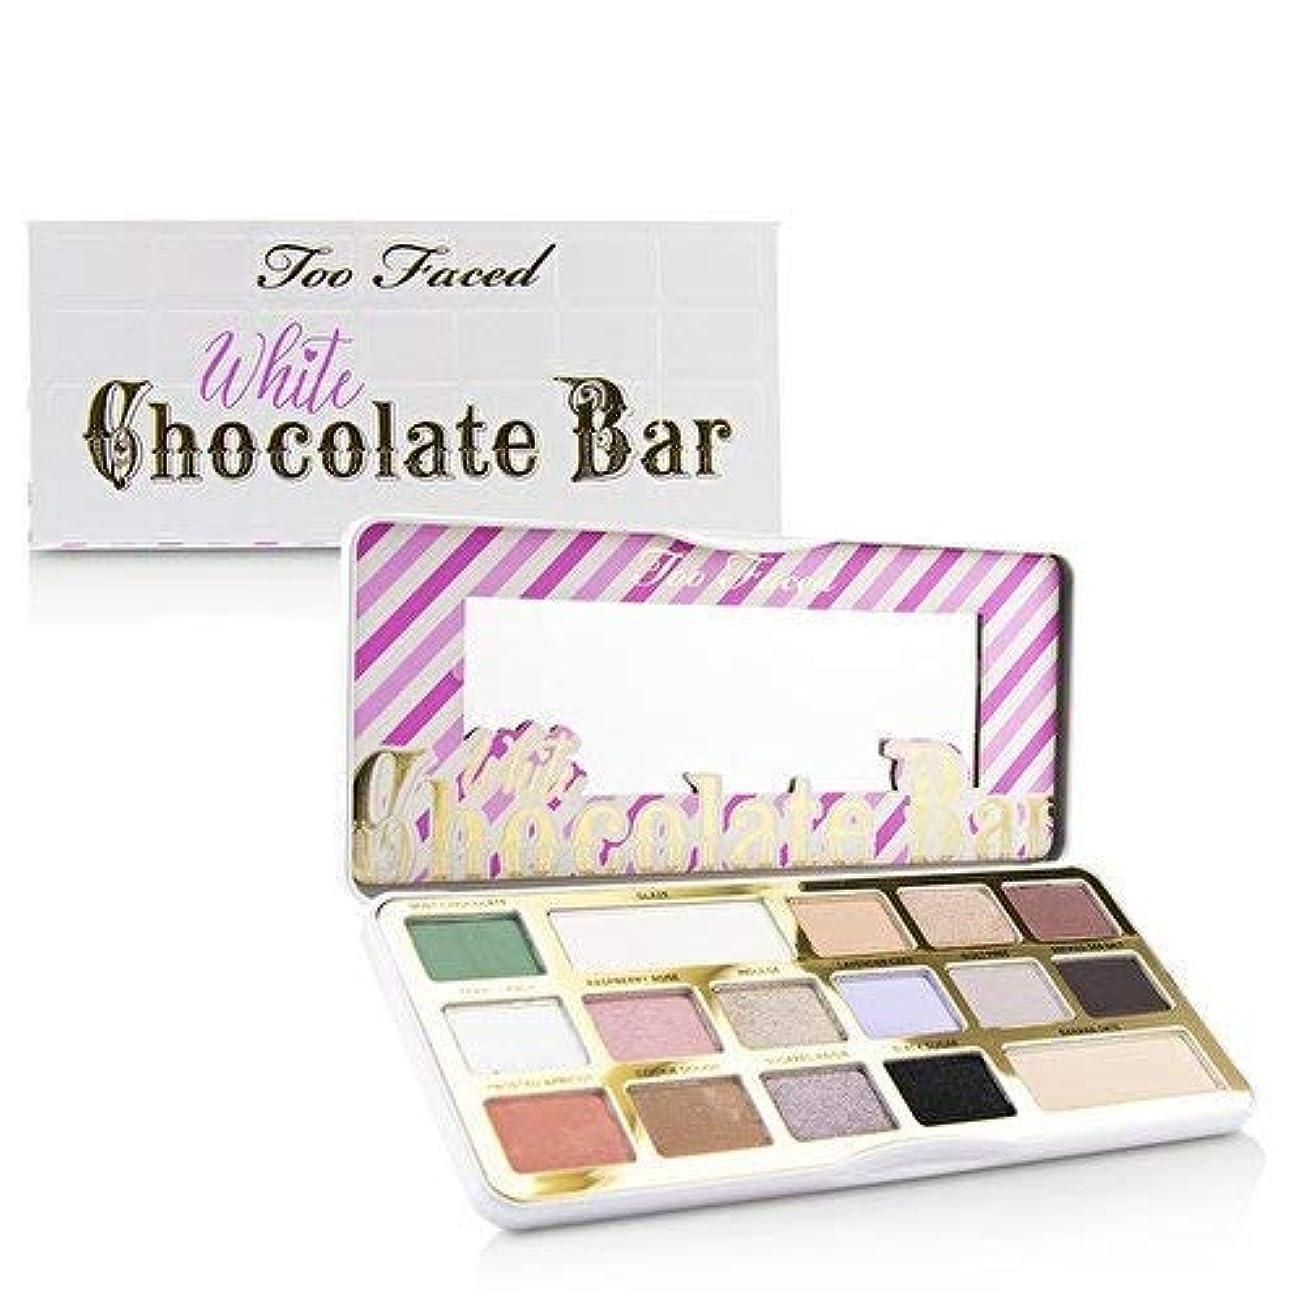 項目すみません接続TOO FACED White Chocolate Bar Eyeshadow Palette Limited edition [並行輸入品]